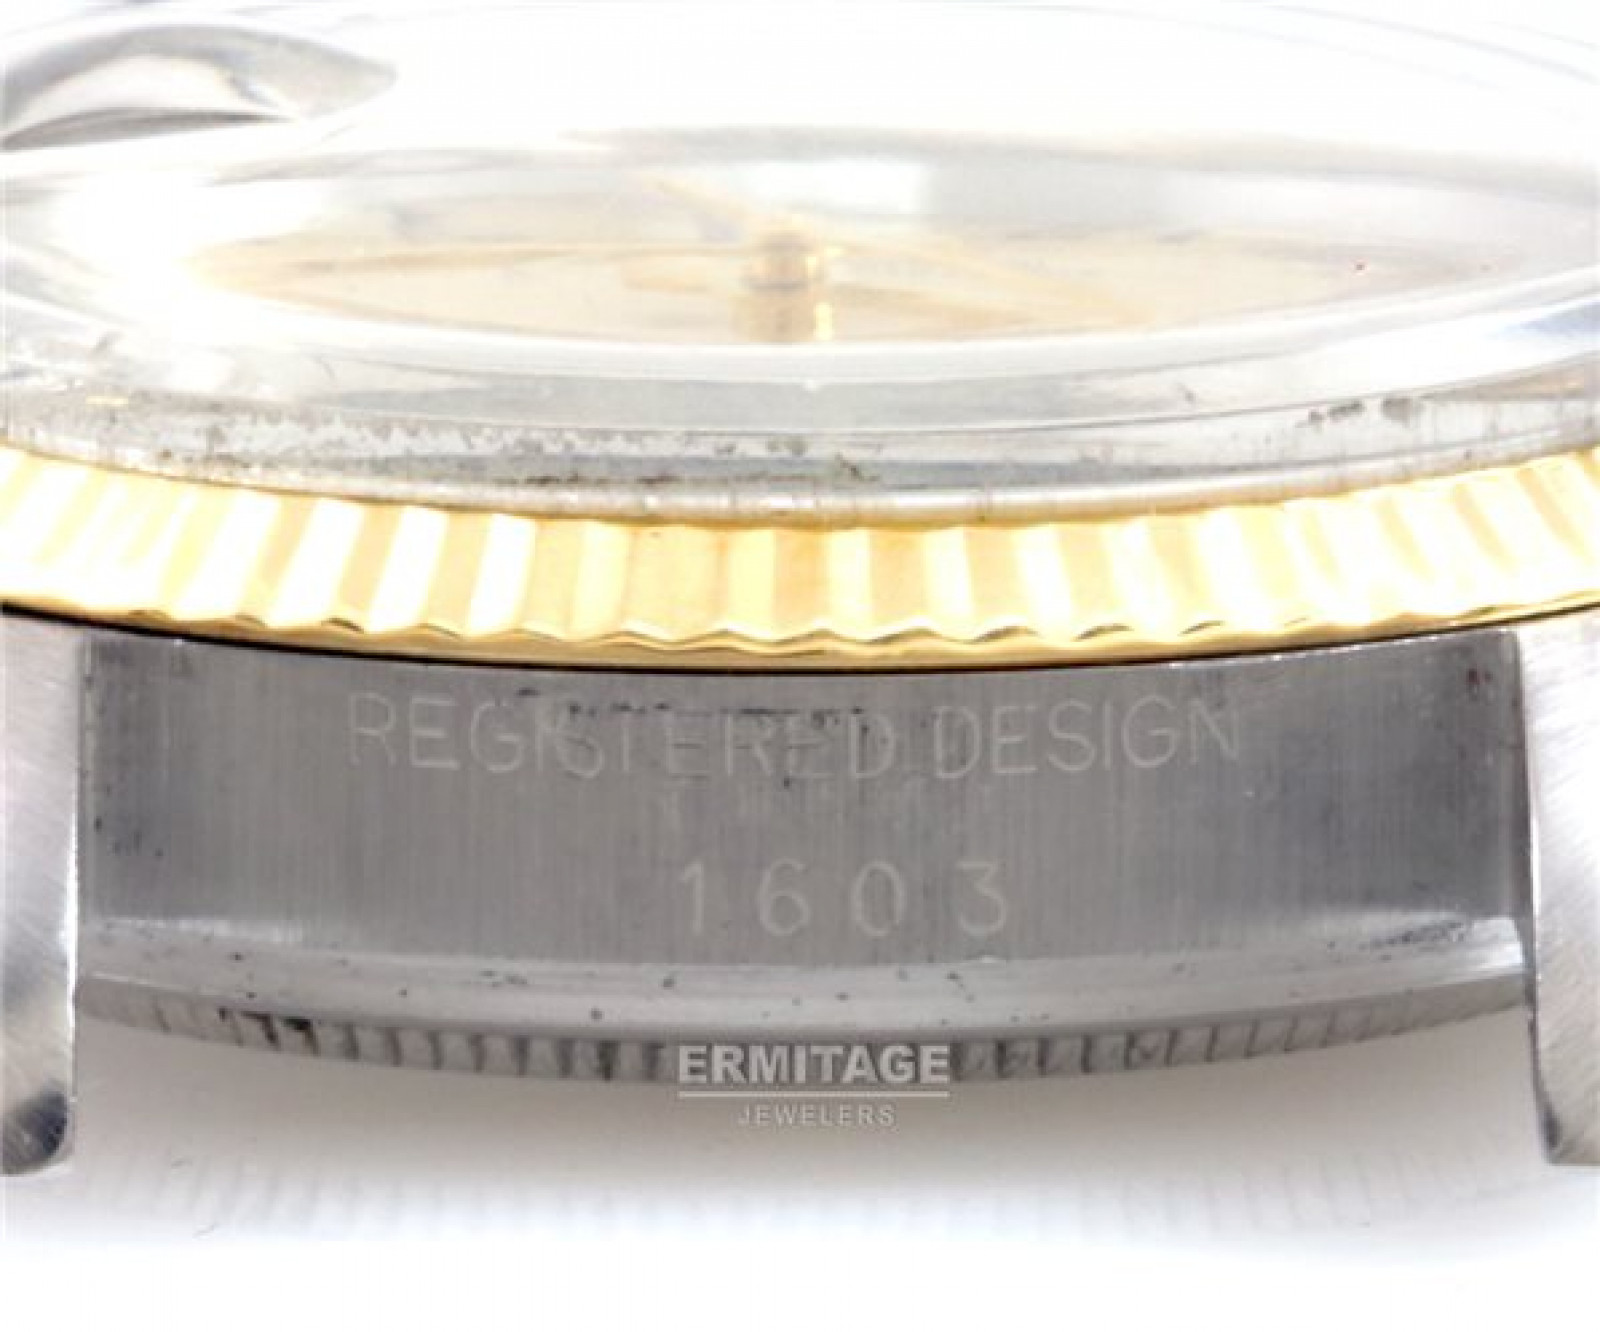 Vintage Rolex Datejust 1603 Steel